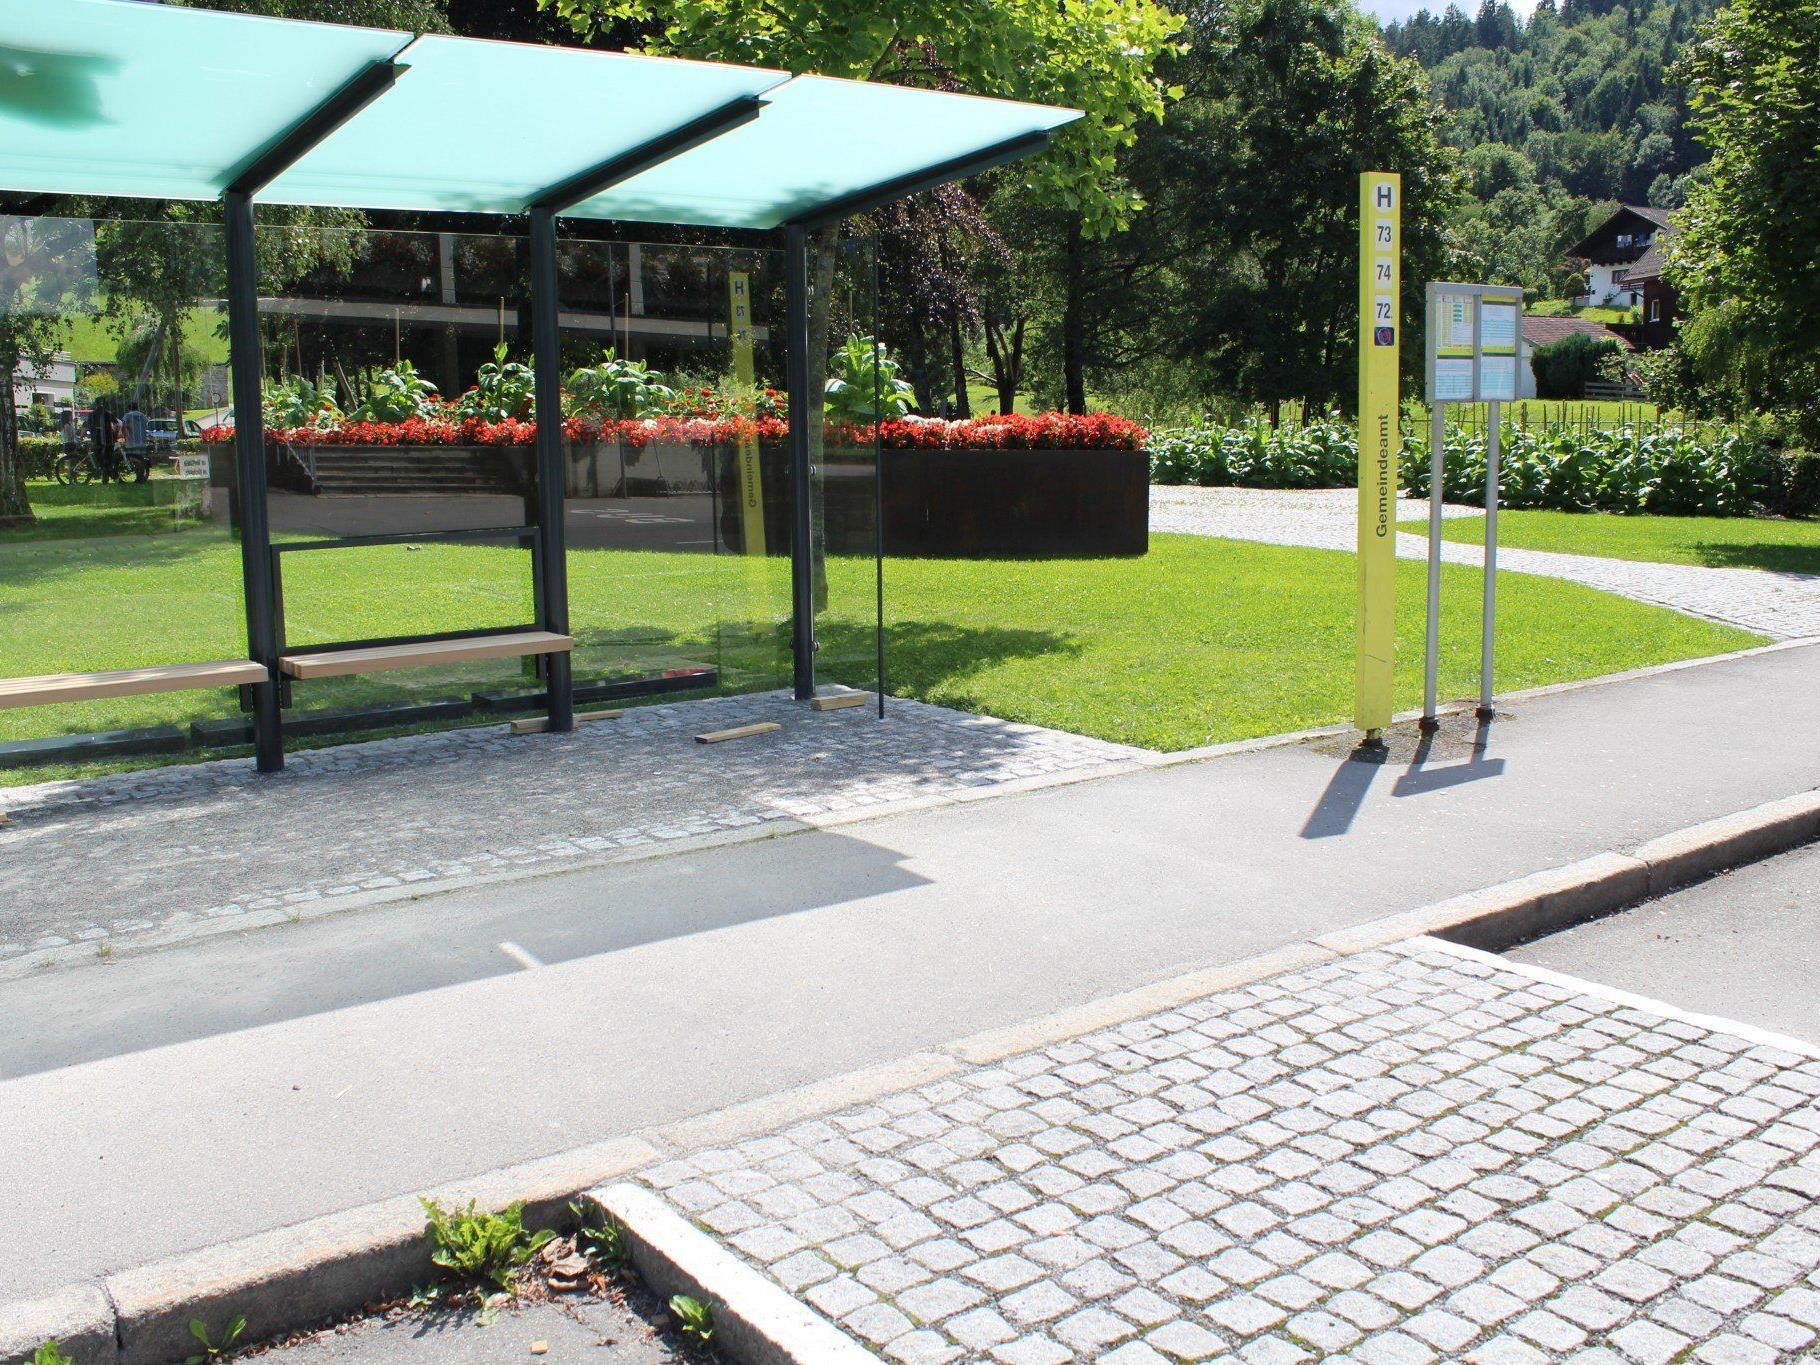 Neues Buswartehäuschen am Gemeindepark